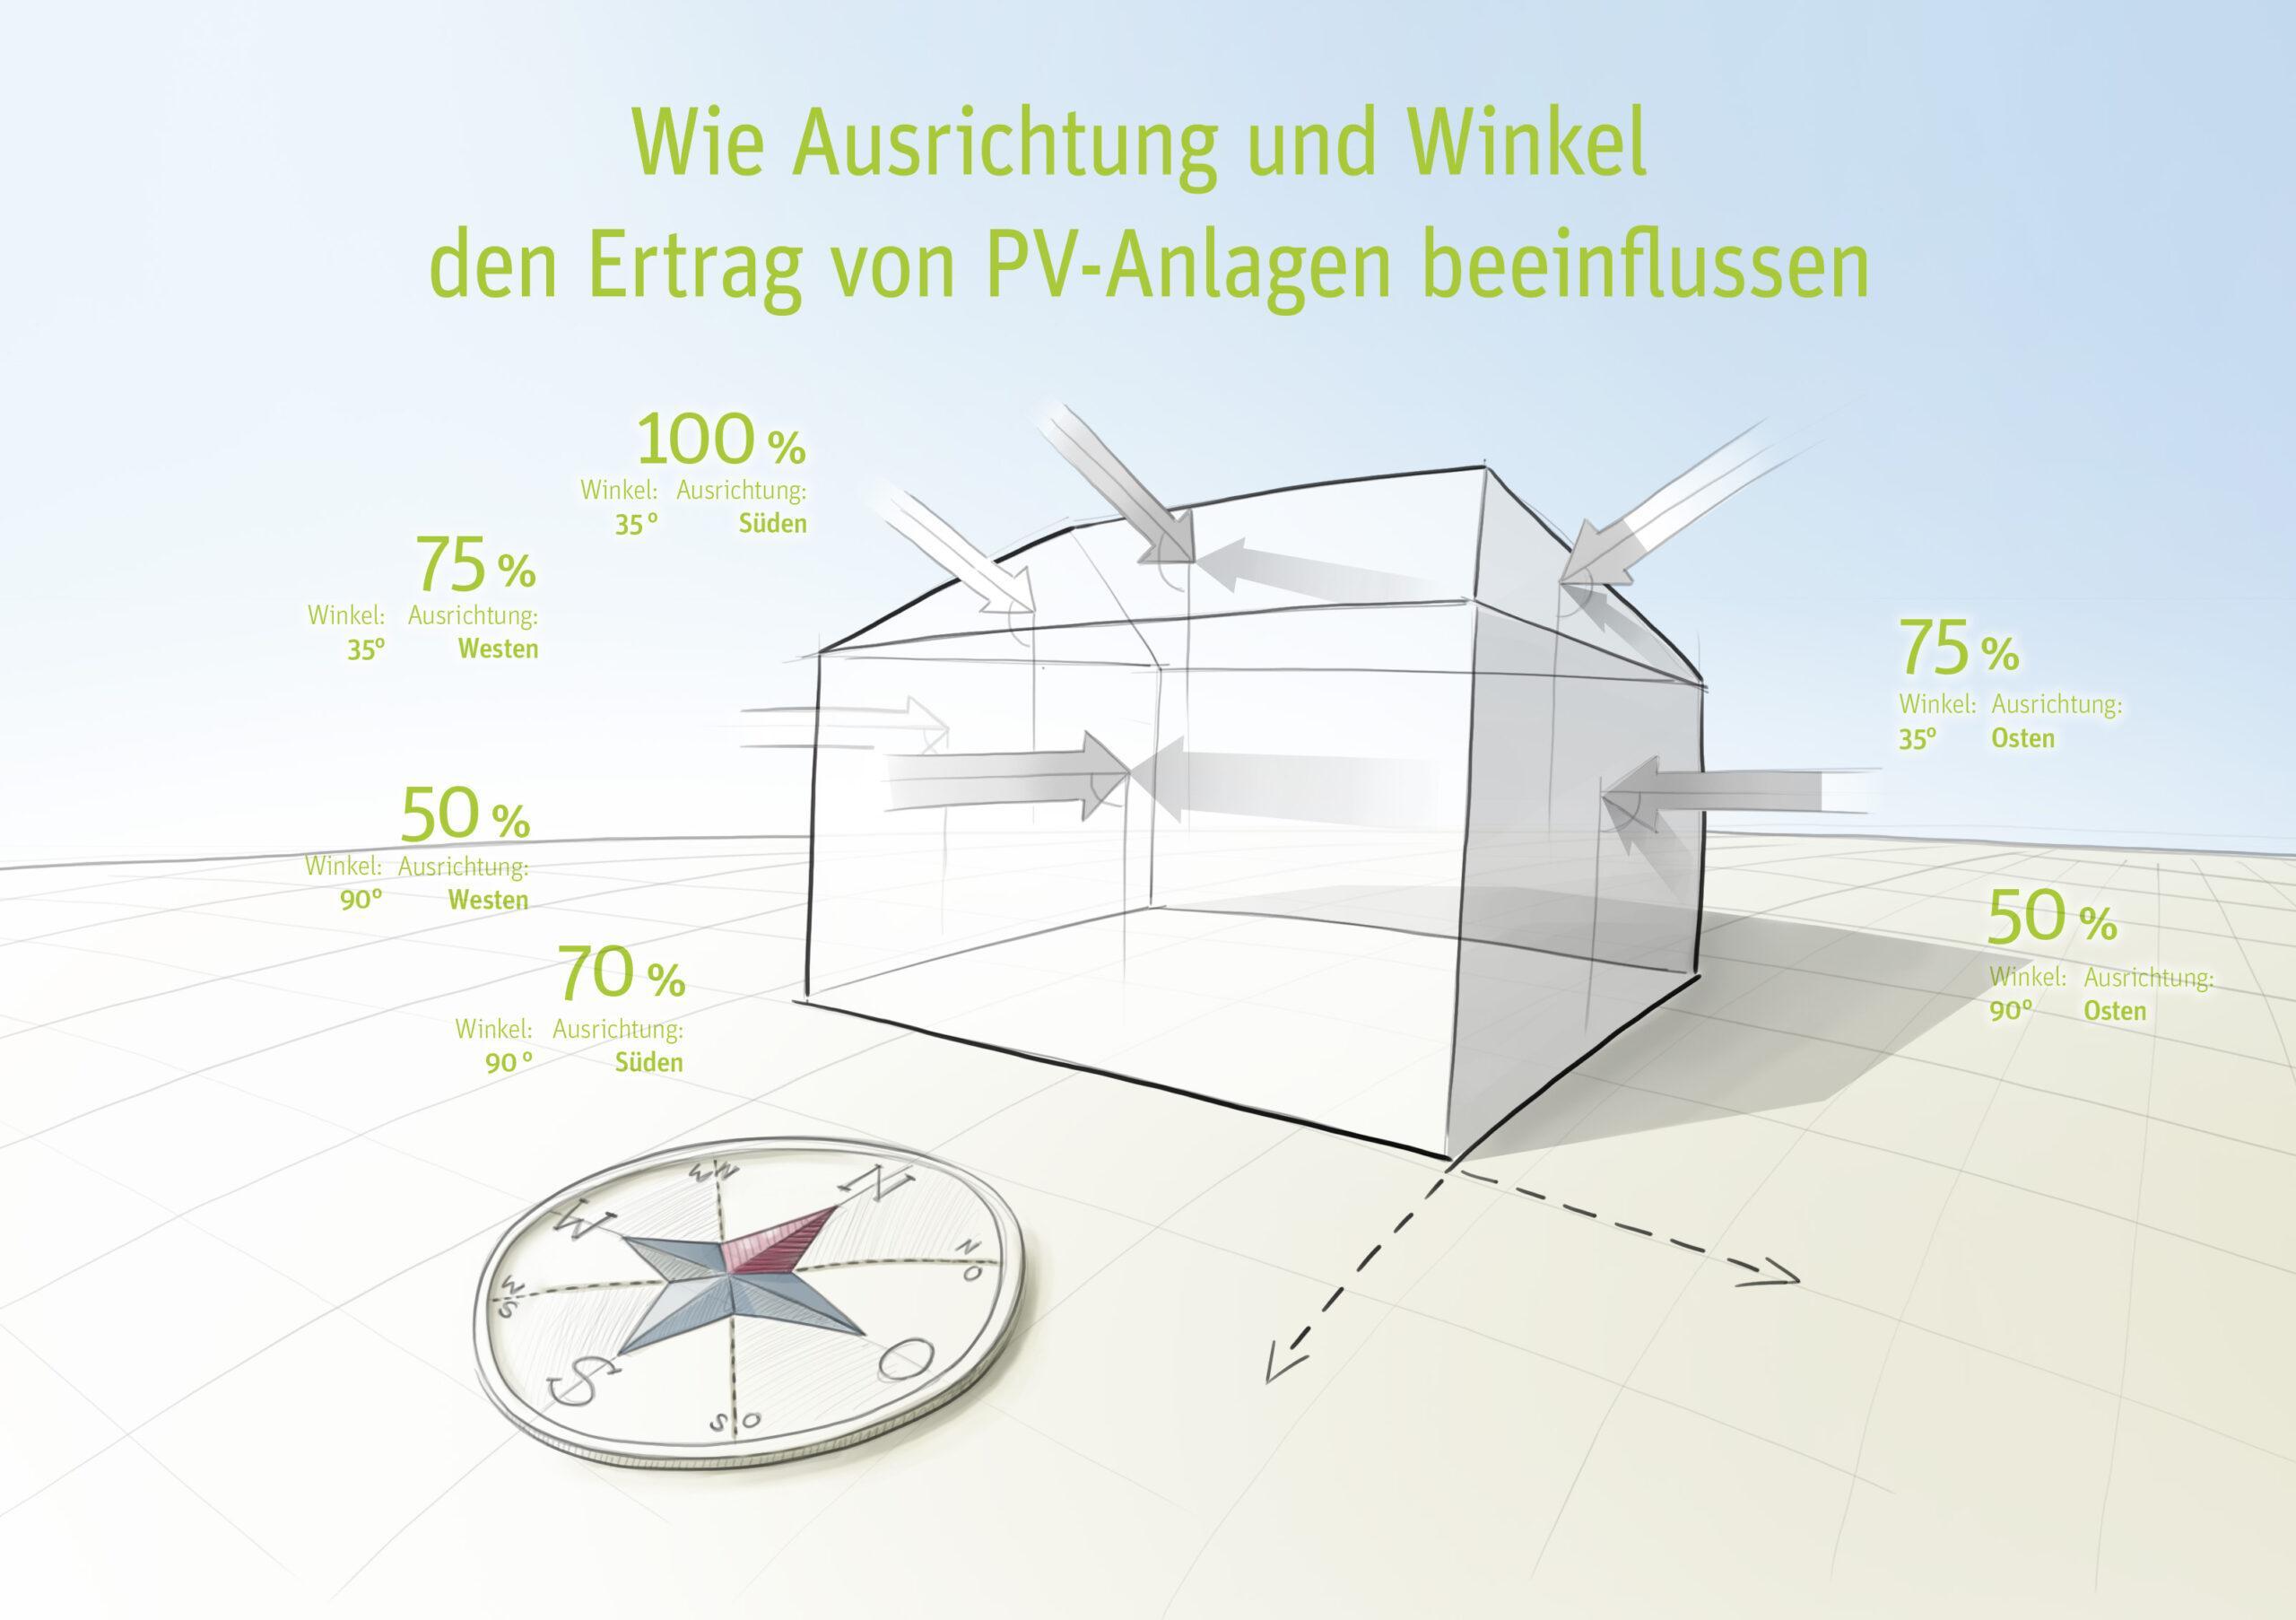 Bei einer PV-Anlage gilt: Je weiter die Ausrichtung eines Dachs nach Osten oder Westen abweicht, desto geringer sind die Erträge.